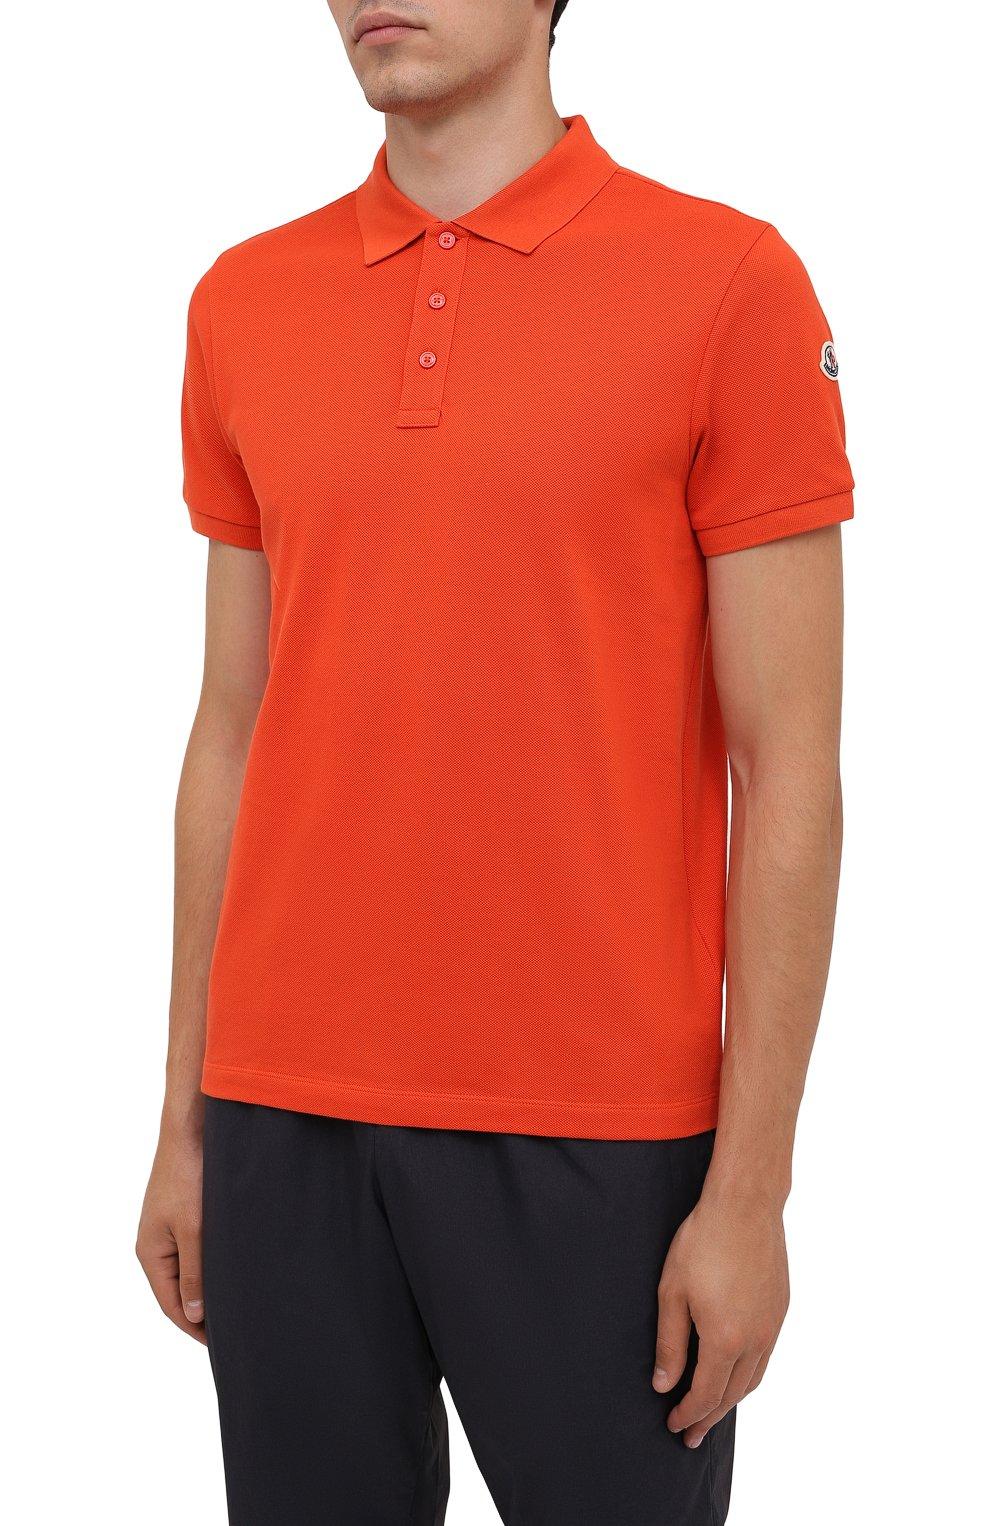 Мужское хлопковое поло MONCLER оранжевого цвета, арт. G2-091-8A705-10-84556 | Фото 3 (Застежка: Пуговицы; Рукава: Короткие; Длина (для топов): Стандартные; Кросс-КТ: Трикотаж; Материал внешний: Хлопок; Стили: Кэжуэл)